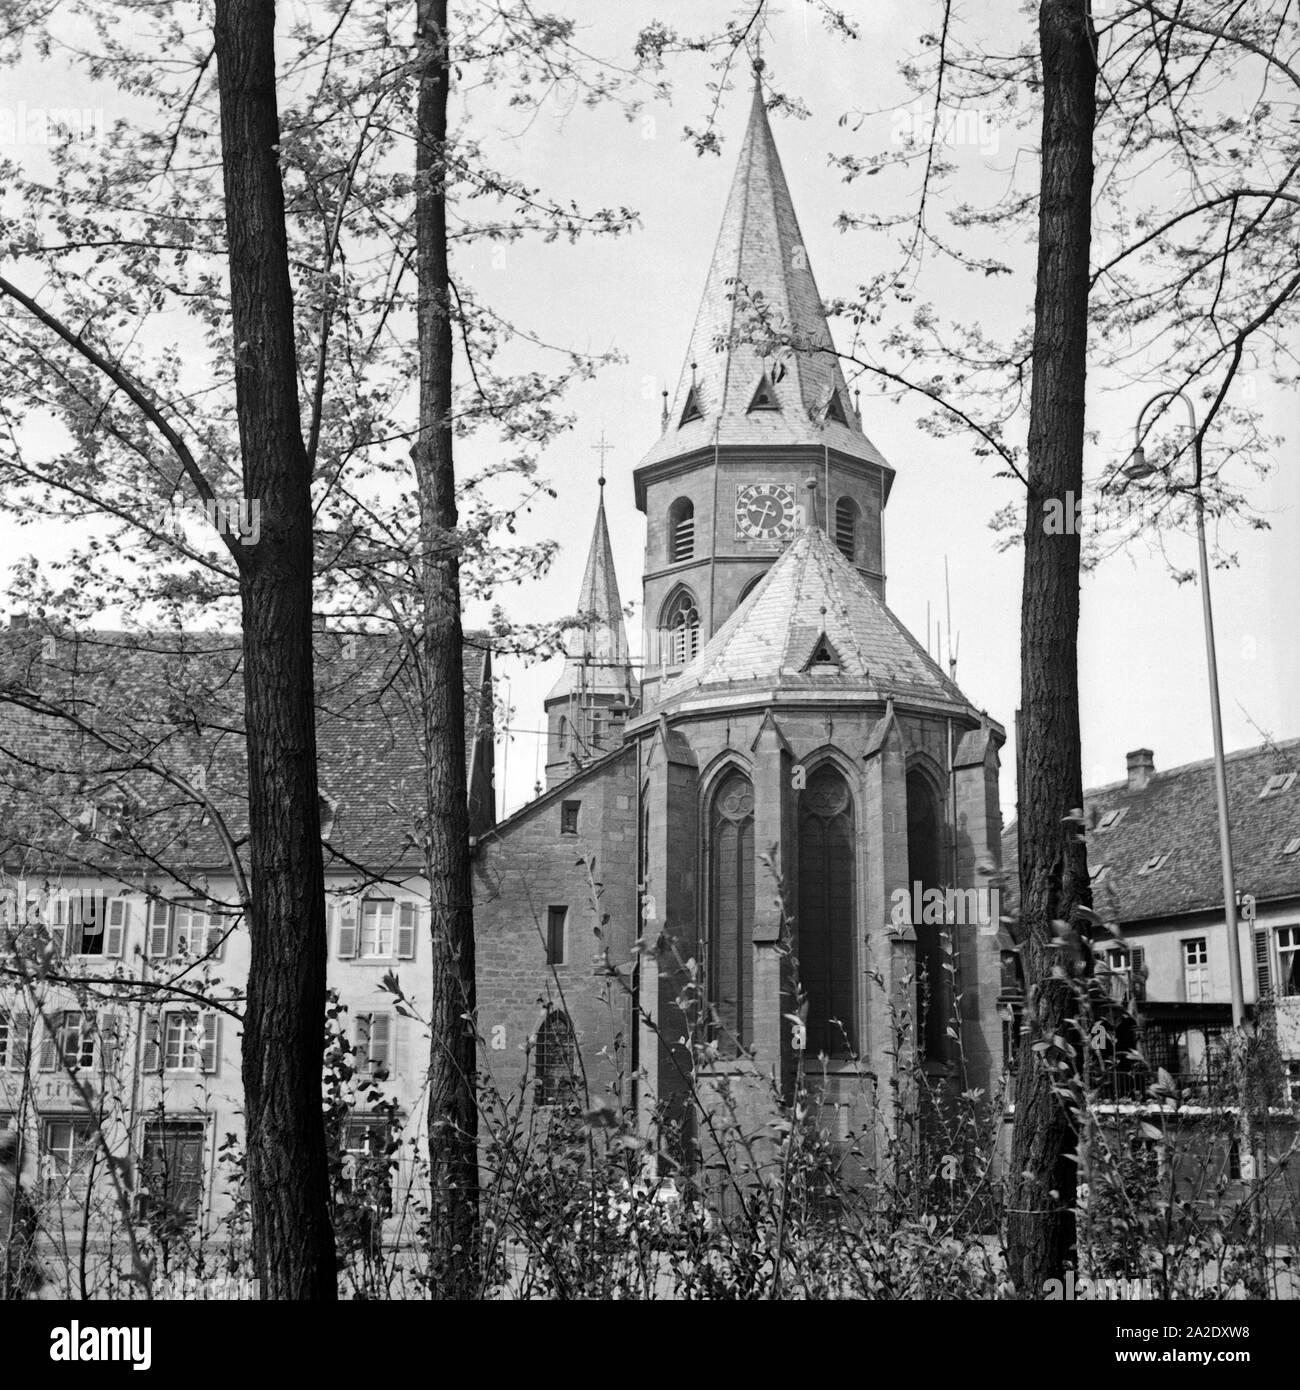 Die Stiftskirche St. Martin und St. Maria in Kaiserslautern, Deutschland 1930er Jahre. St. Martin's and St. Mary's collegiate church at Kaiserslautern, Germany 1930s. Stock Photo